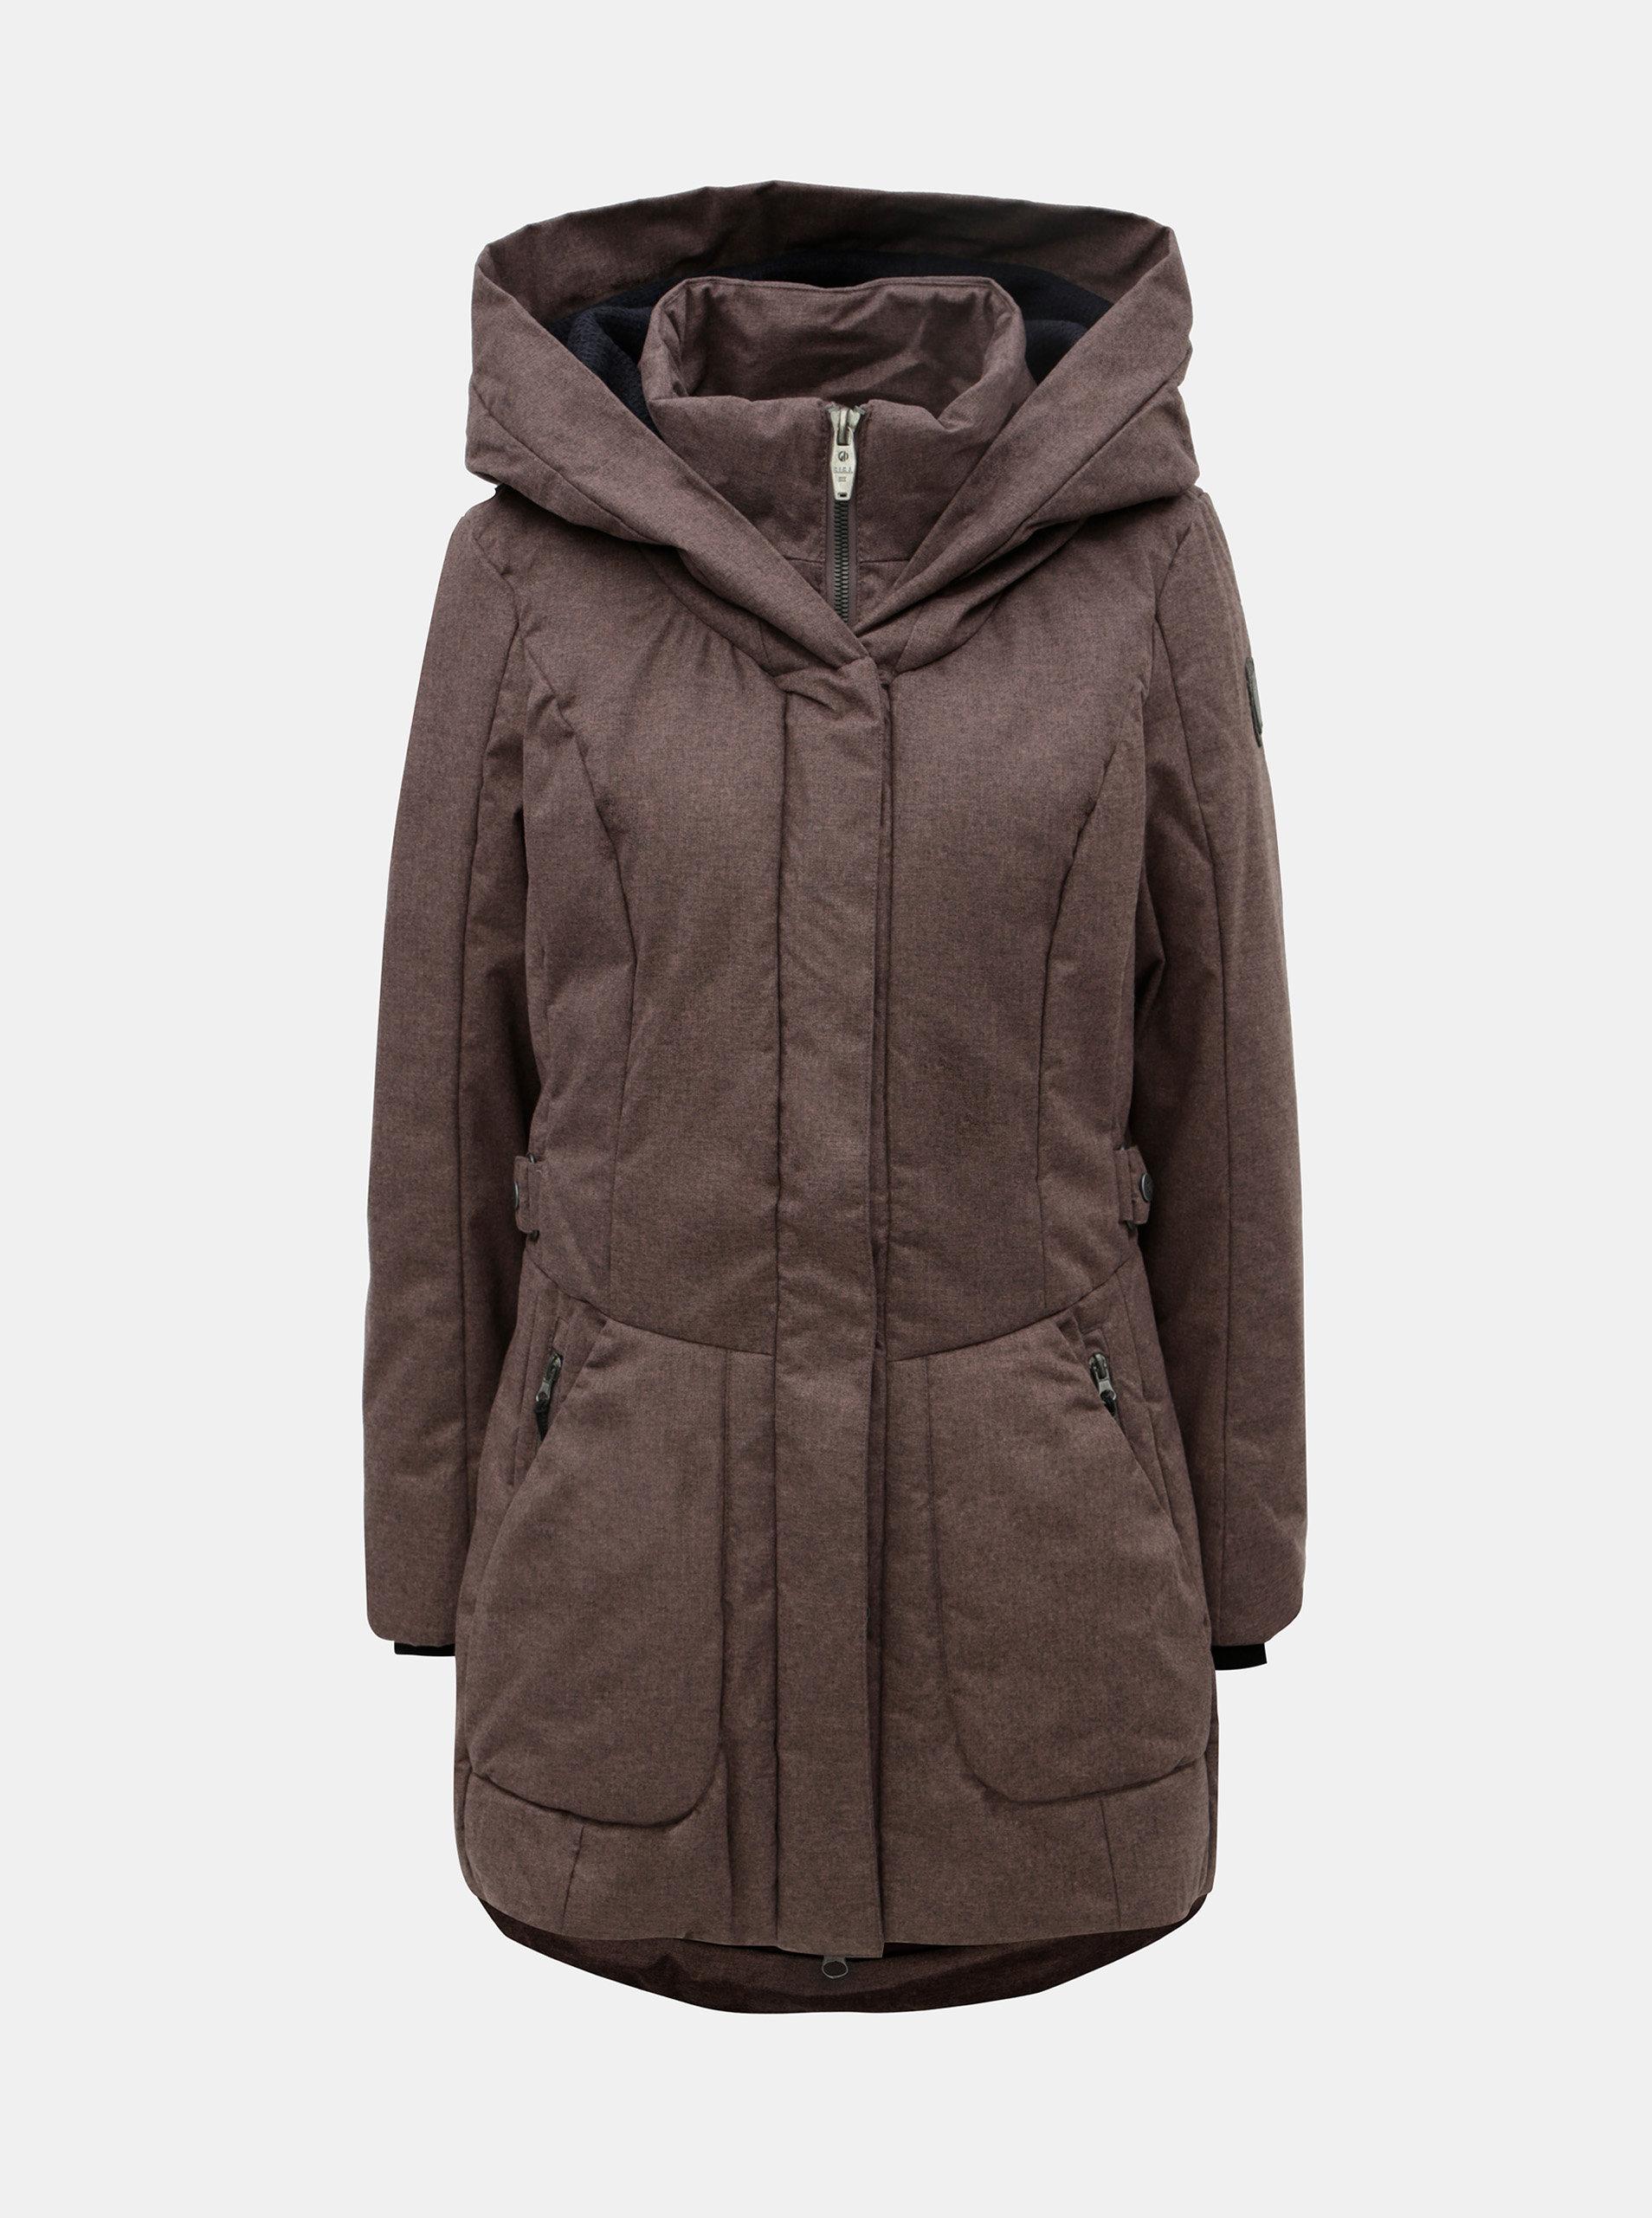 Hnedý dámsky melírovaný nepremokavý kabát killtec ... 056f682bb12